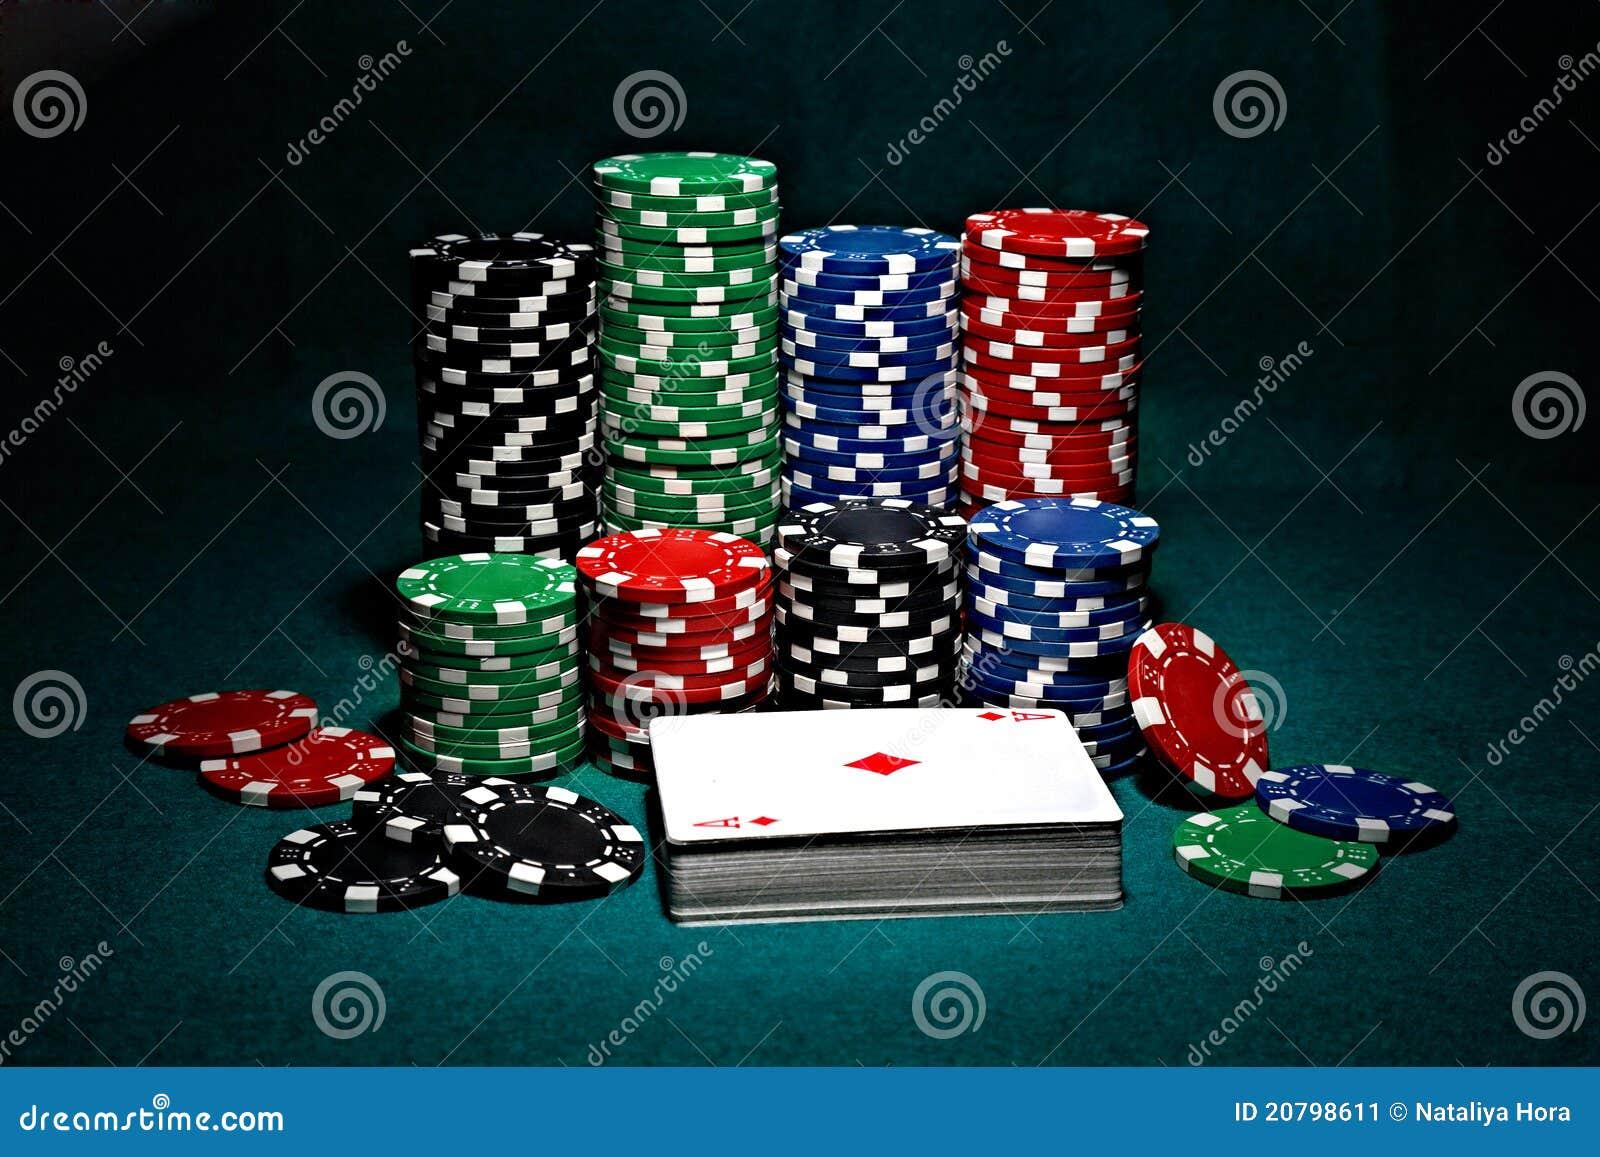 Poker casa llena